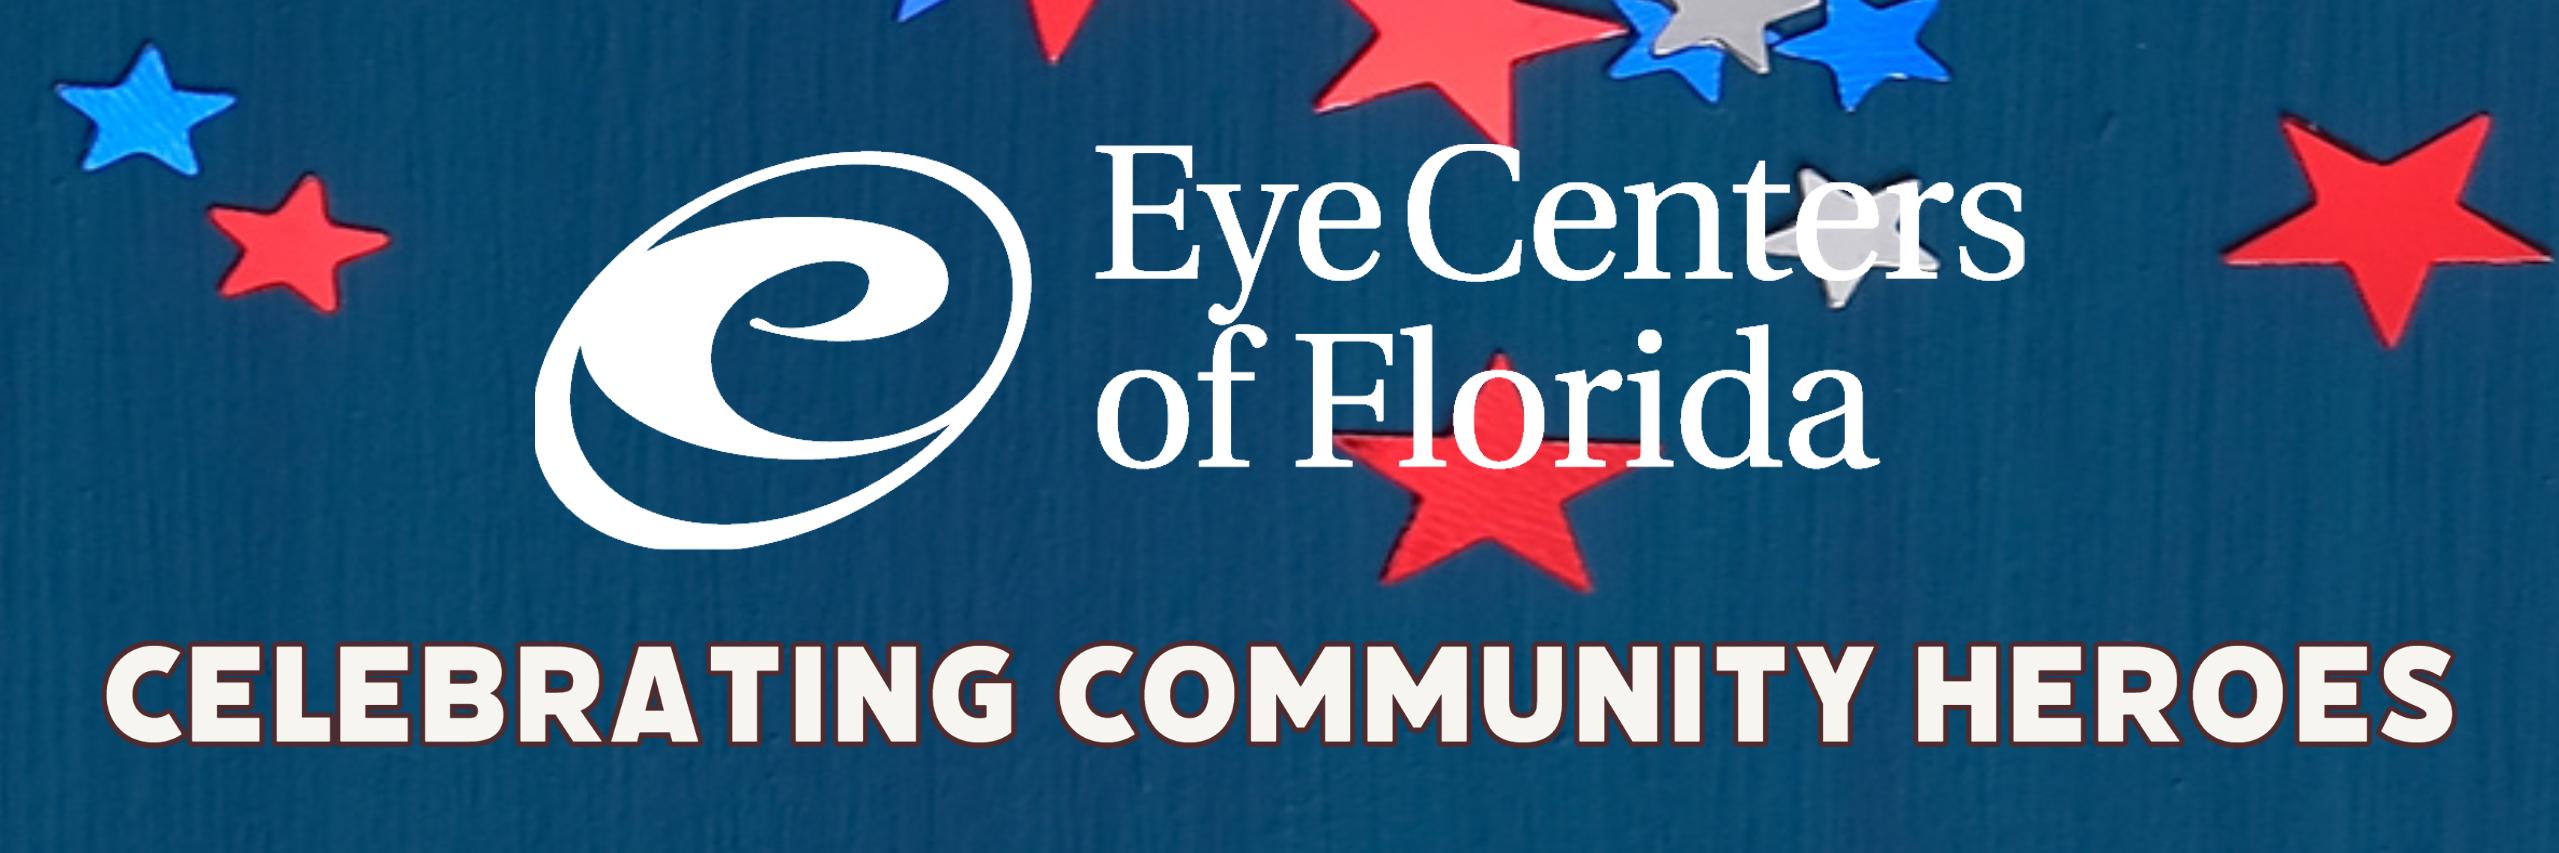 Eye Centers of Florida Celebrating Community Heroes